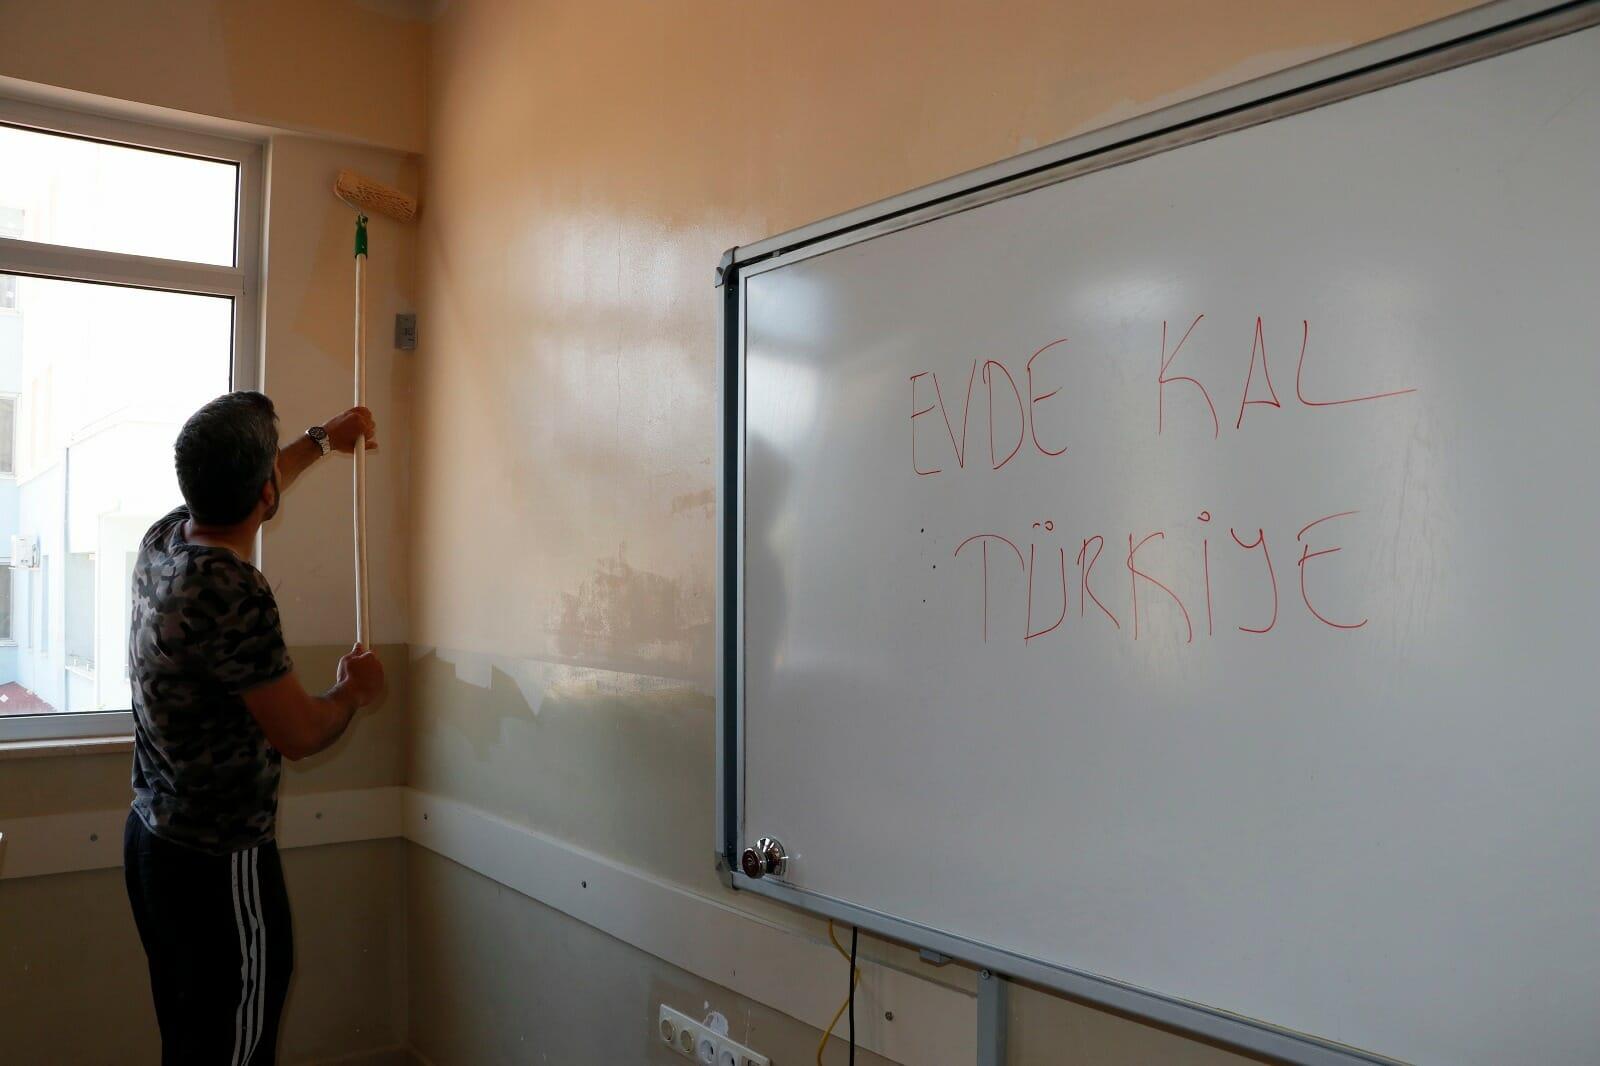 EWso dBUcAcjYrk - ضباط أتراك يرمّمون المدرسة التي قضوا فيها فترة الحجر الصحي